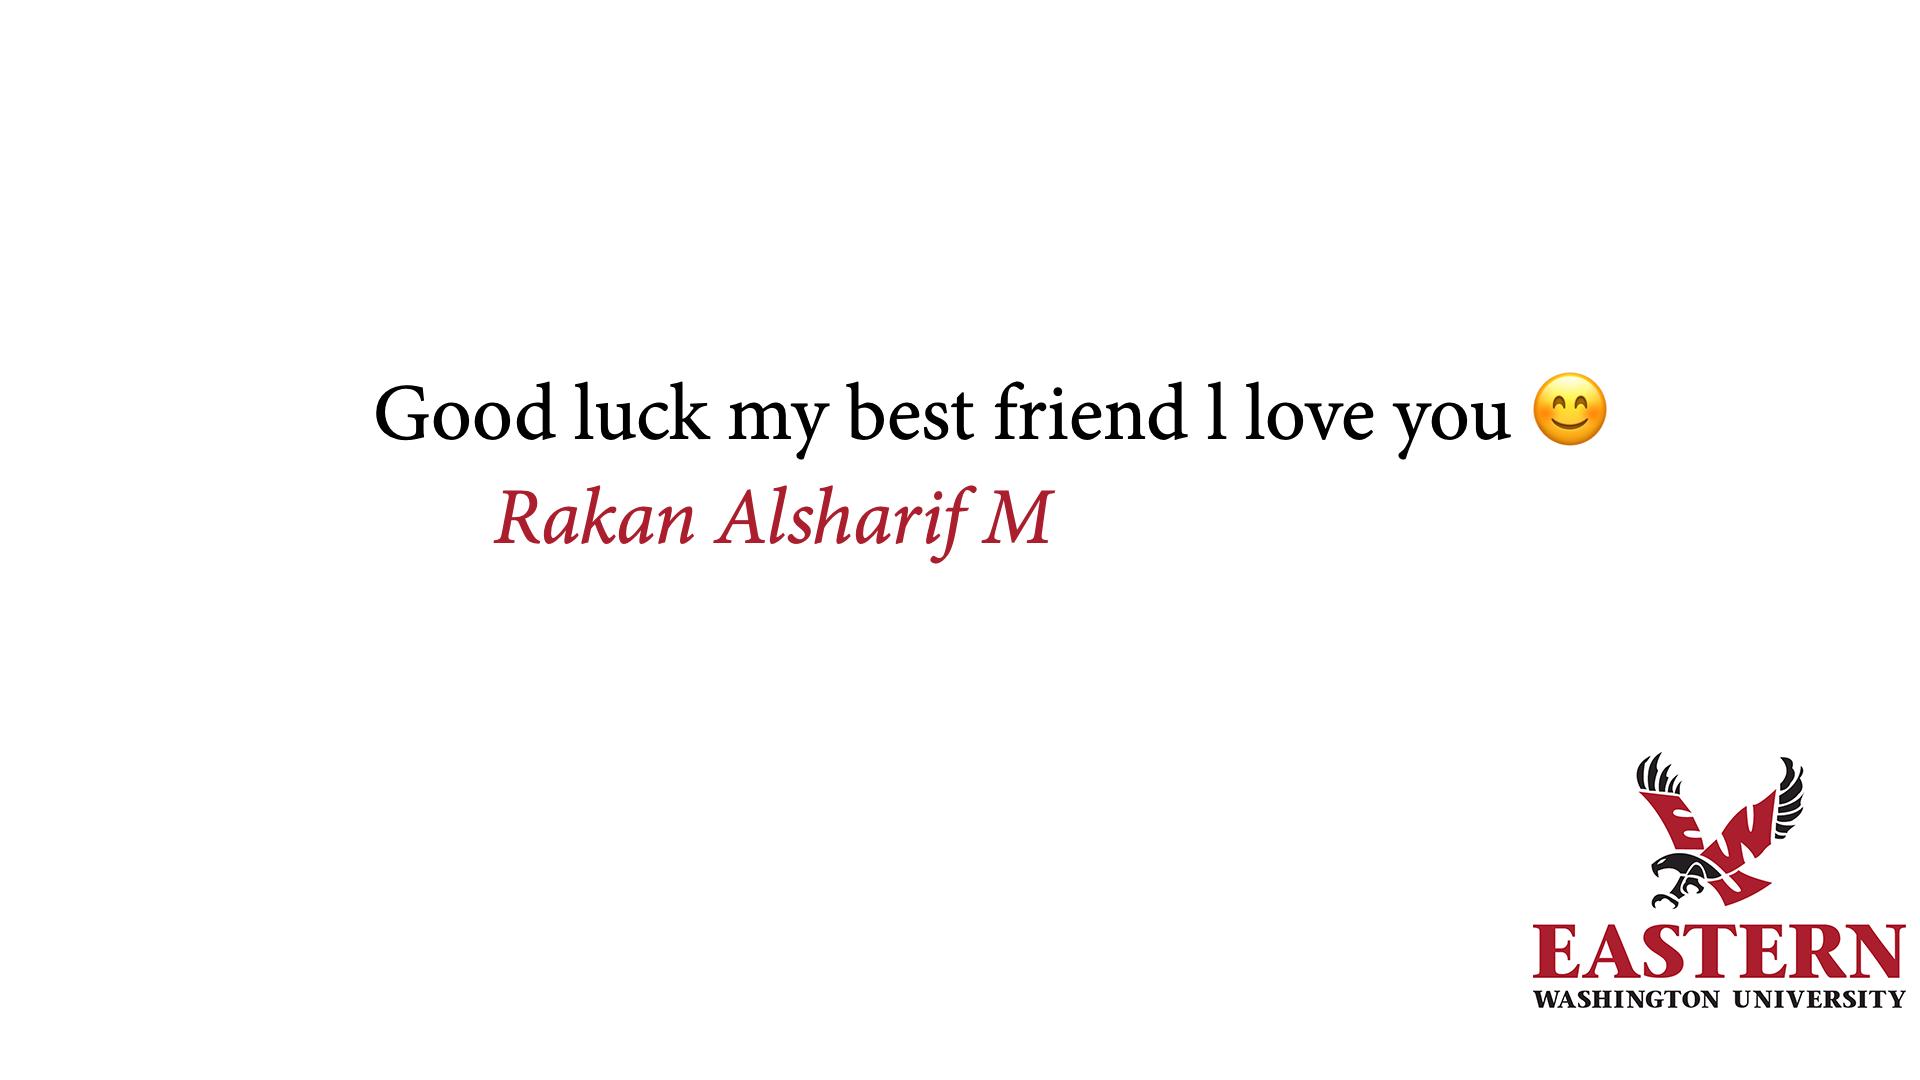 tbi_abdulrahman-abdullah-a_3141.png